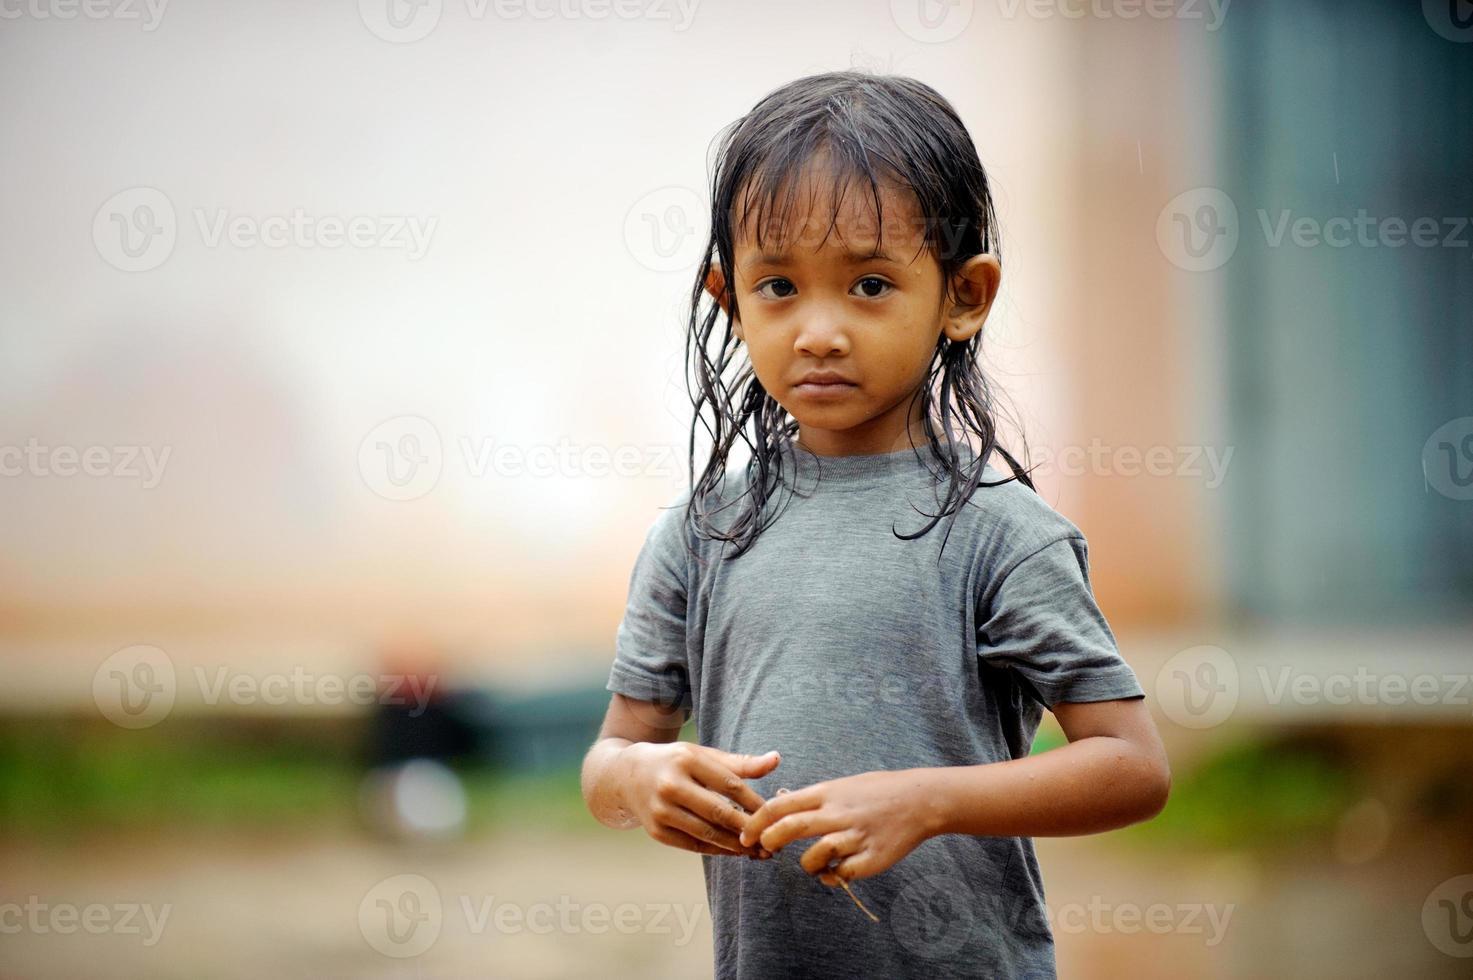 criança pobreza sob a chuva foto